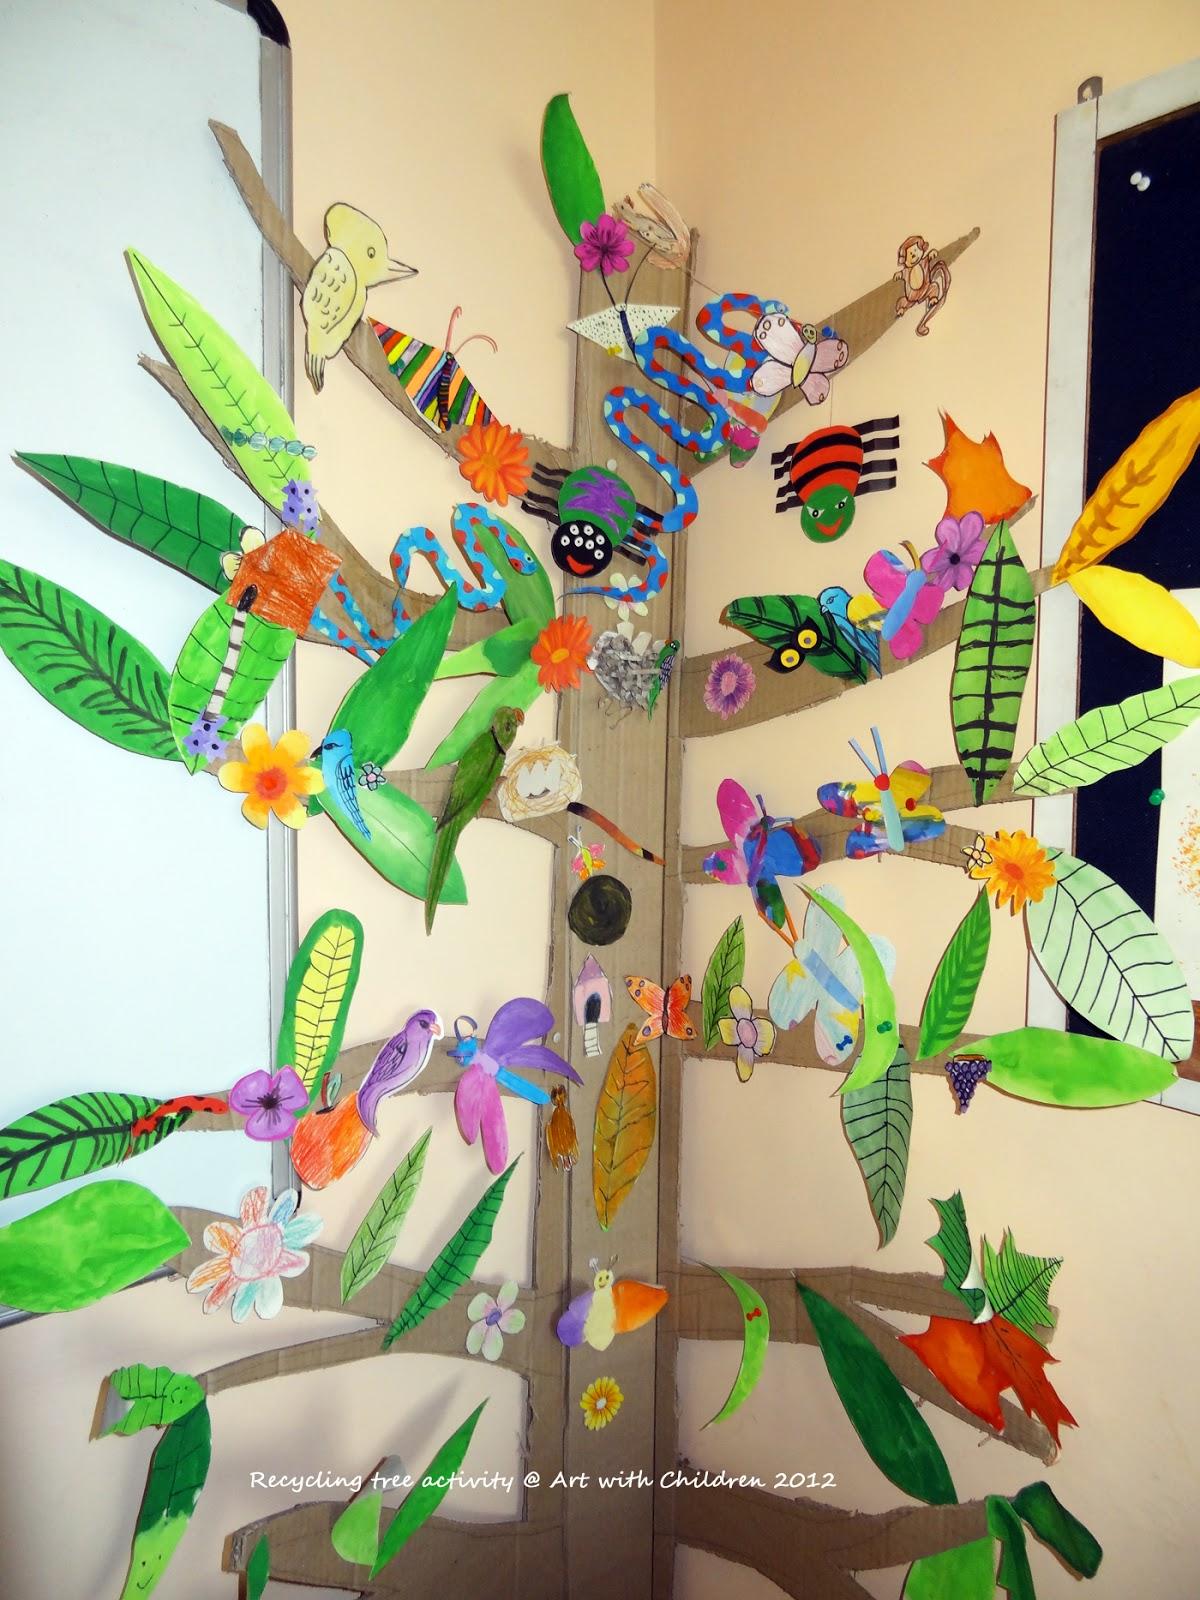 Recycling Tree Activity